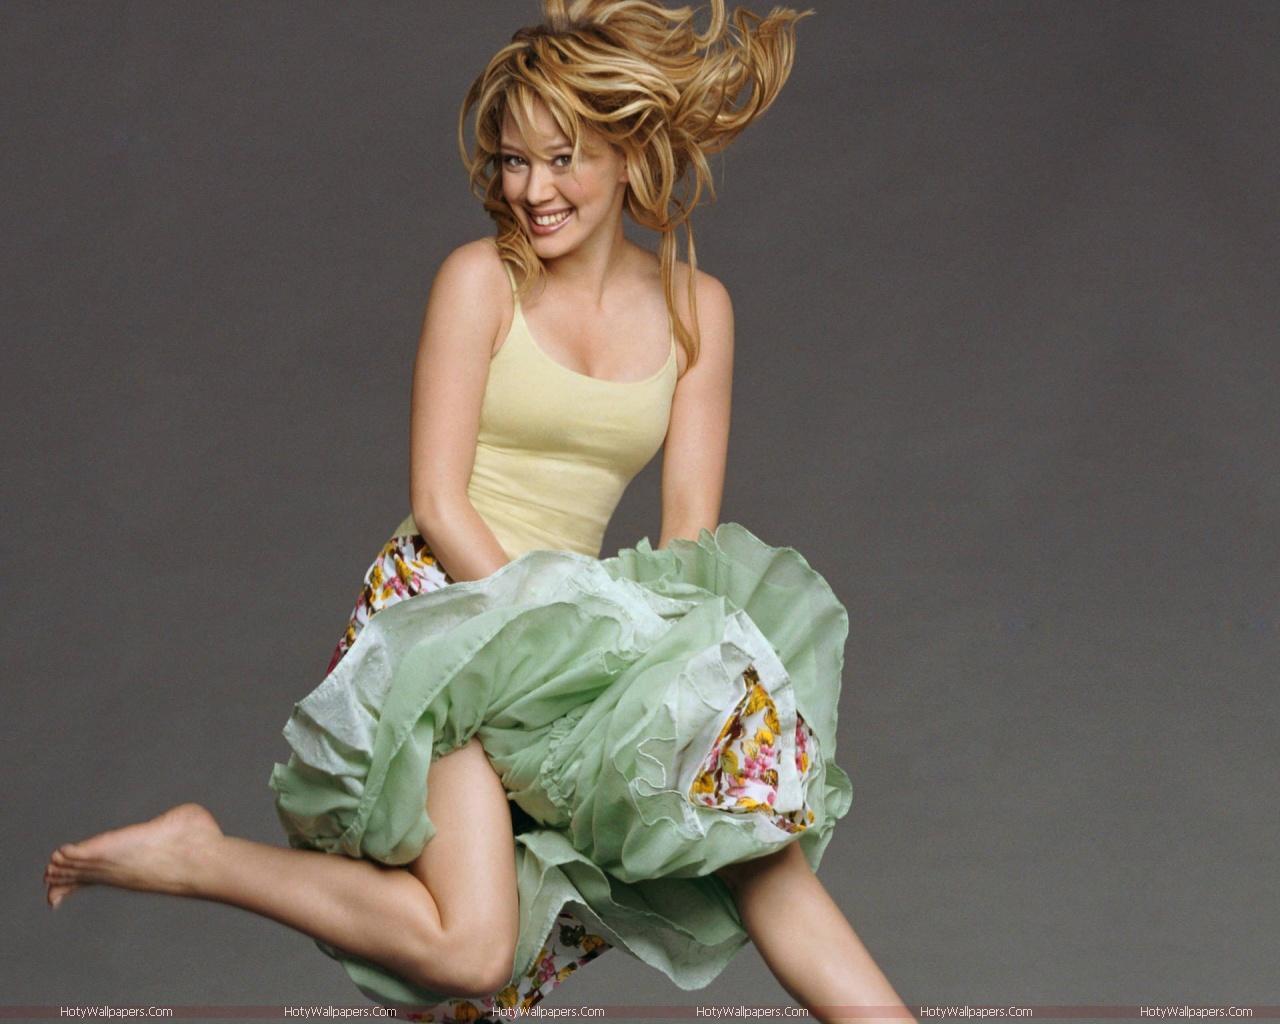 http://4.bp.blogspot.com/-nj3q_ATbFAk/TmT0qucLE5I/AAAAAAAAKVo/tVGyX5eqyu0/s1600/Hilary_Duff-hot-wallpaper.jpg